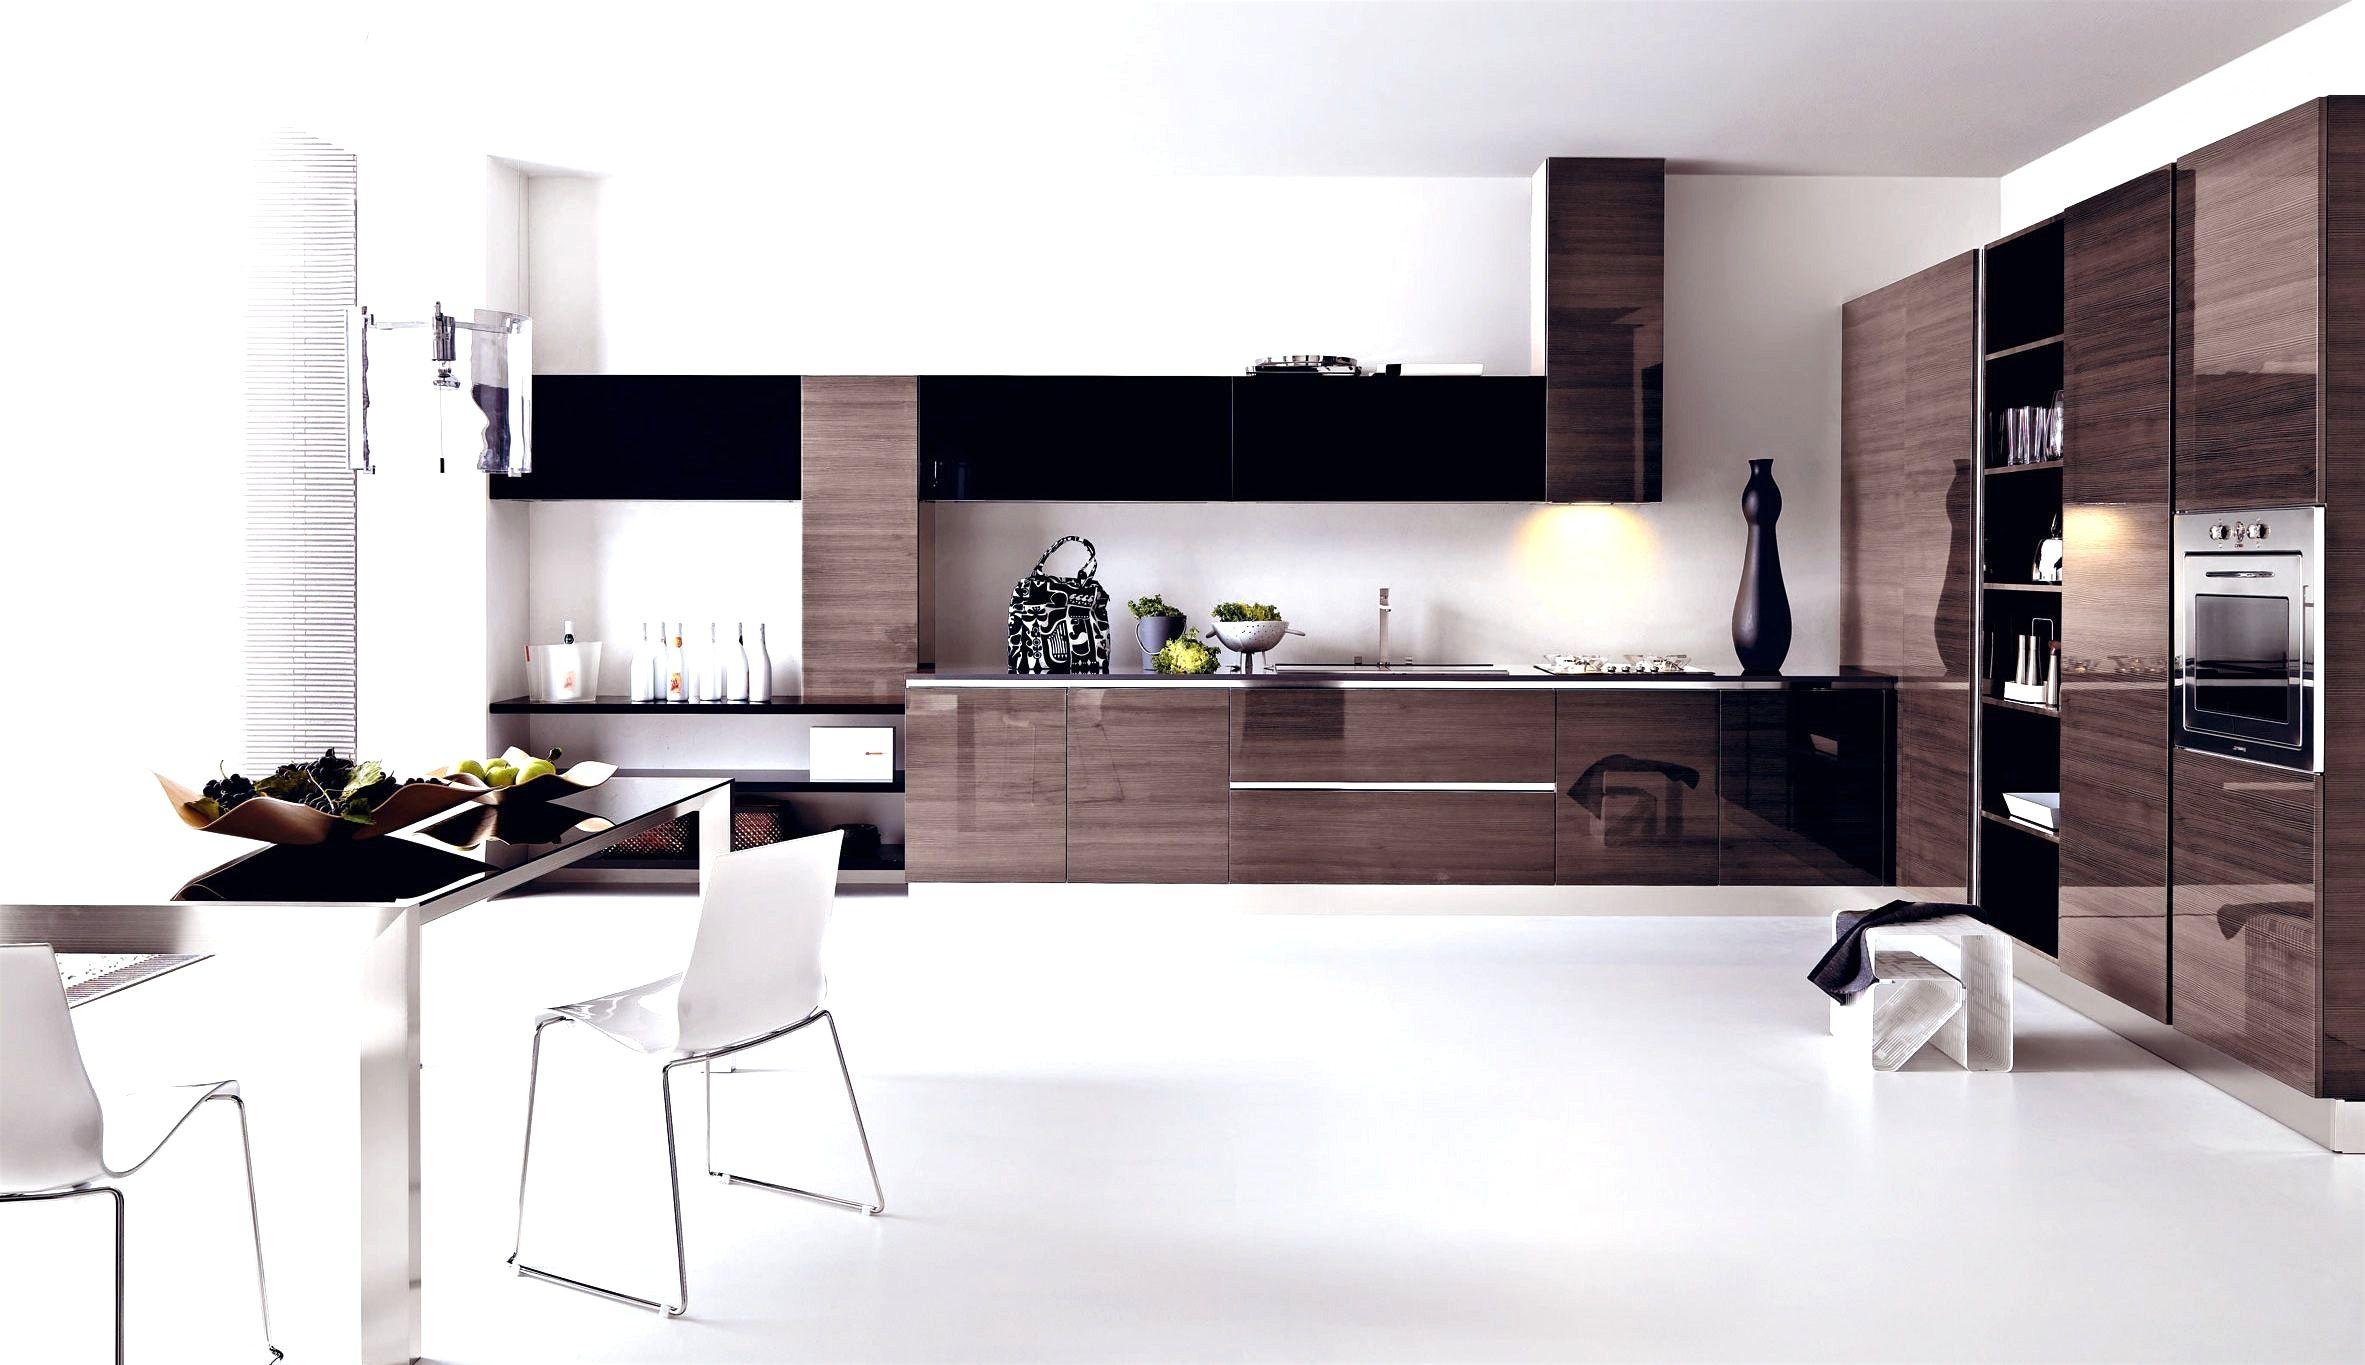 Braun Küche Design Ideen Baytownkitchen Auffällig Weiße